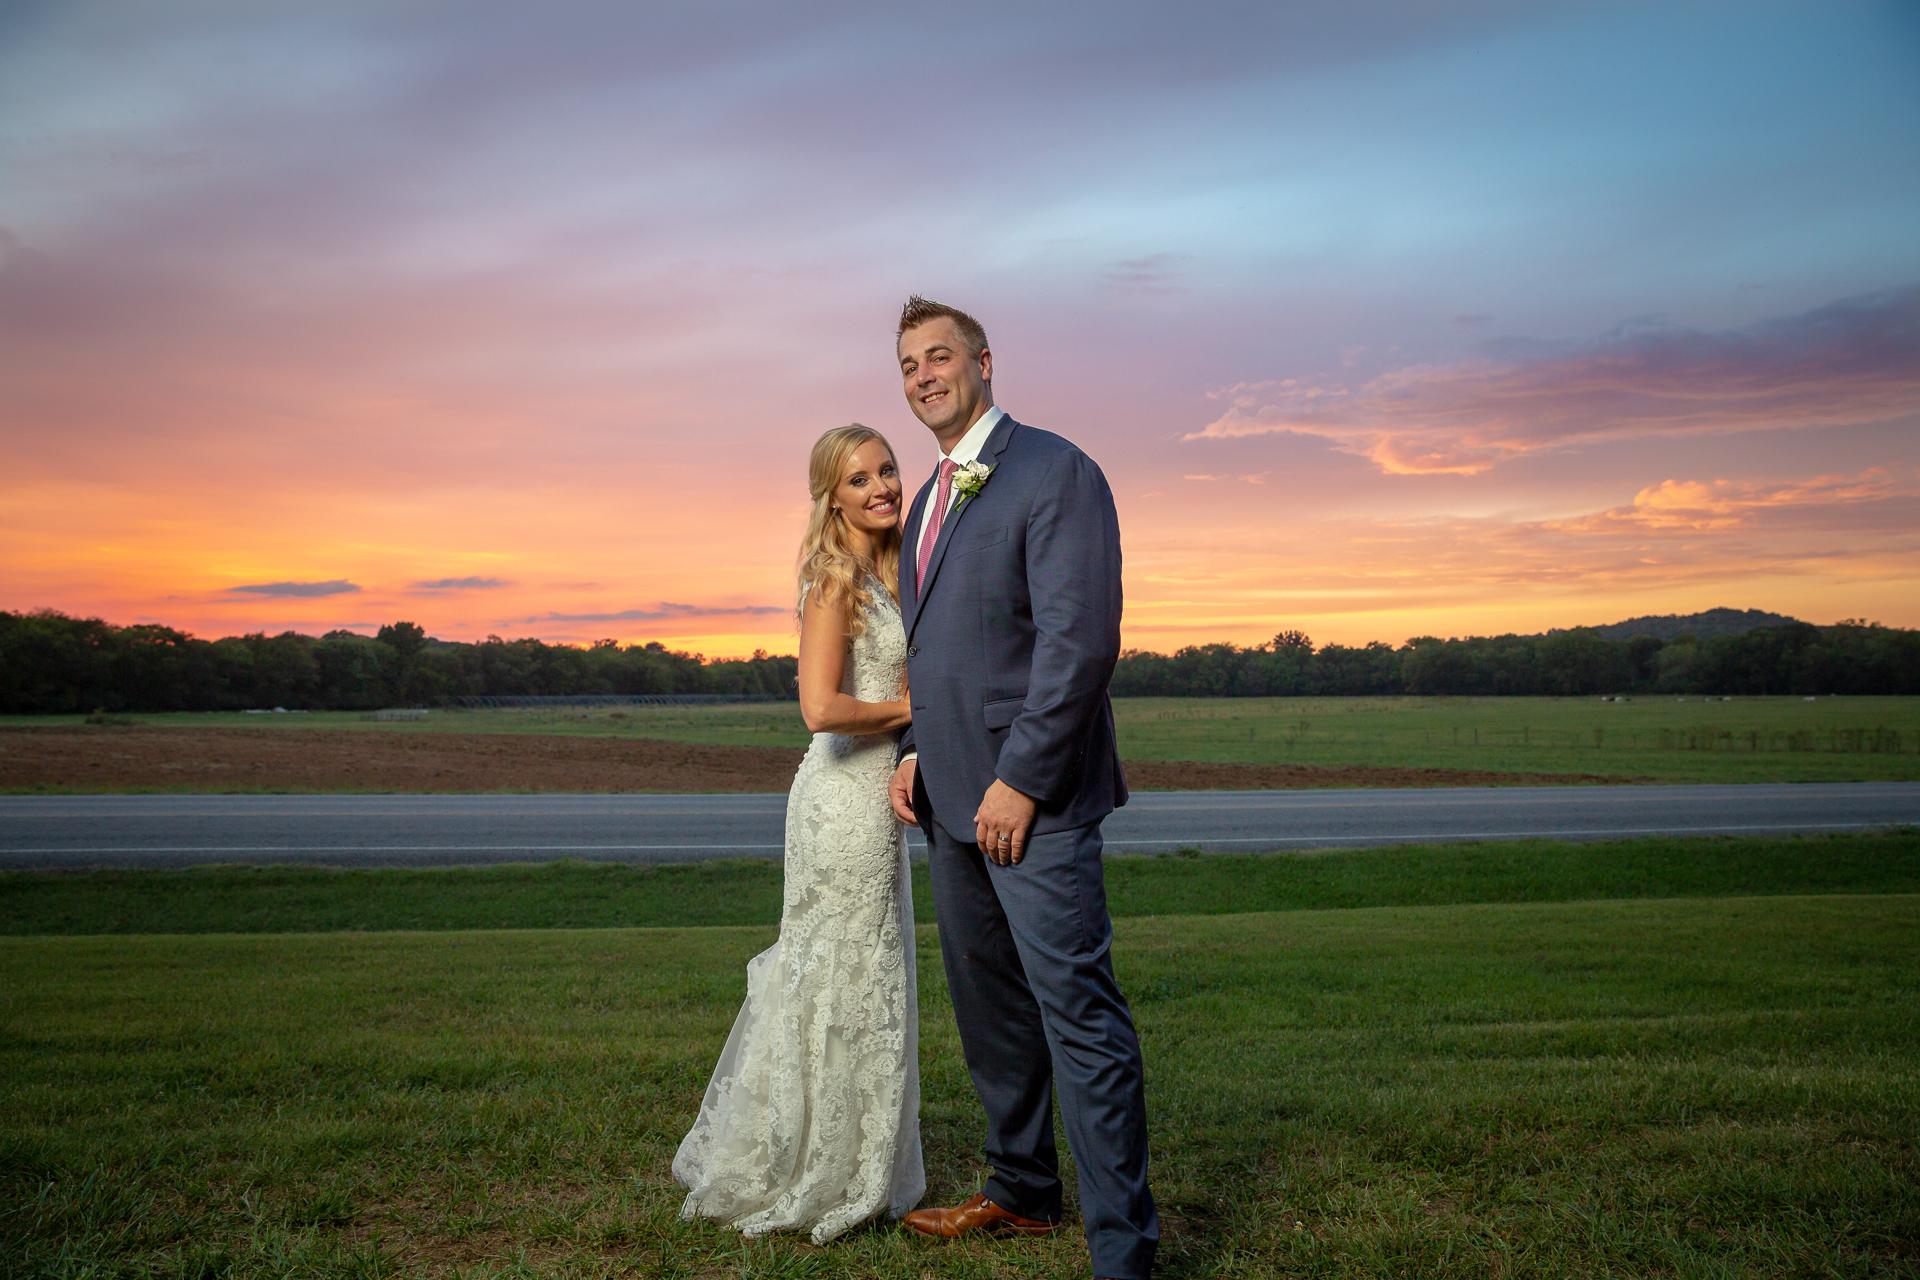 Nashville Photography Group wedding photographers-1-20.jpg